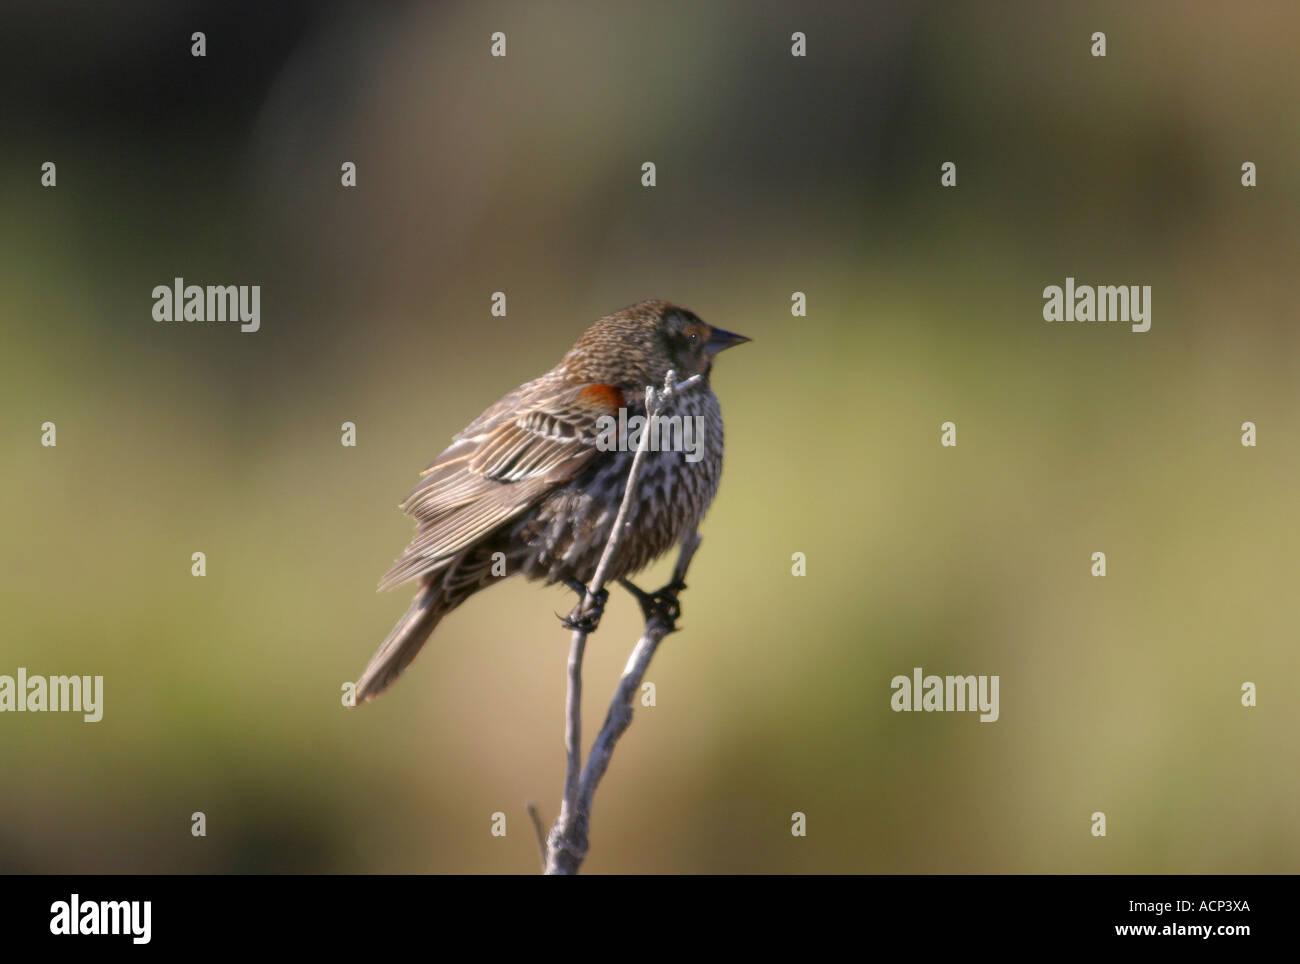 Birds of North America, Alberta Canada, song sparrow, melospzia